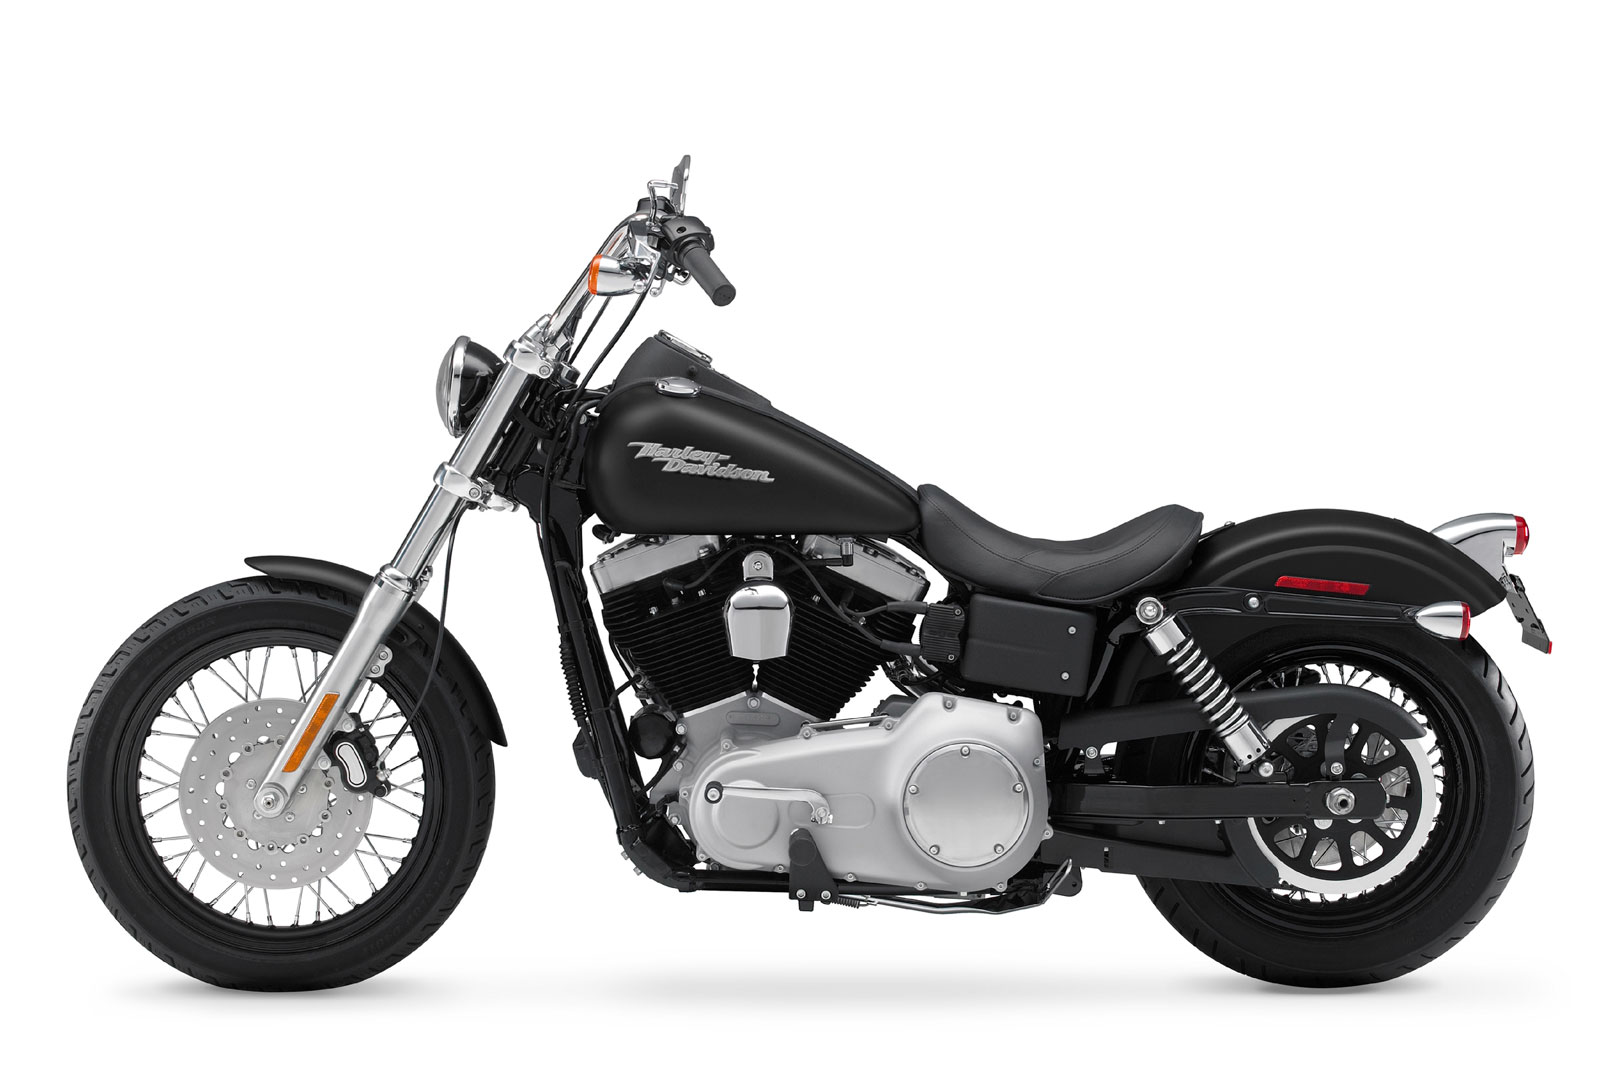 2009 Harley Davidson Deluxe Wiring Diagram Detailed Schematics Sportster Fxdb Dyna Street Bob Softail